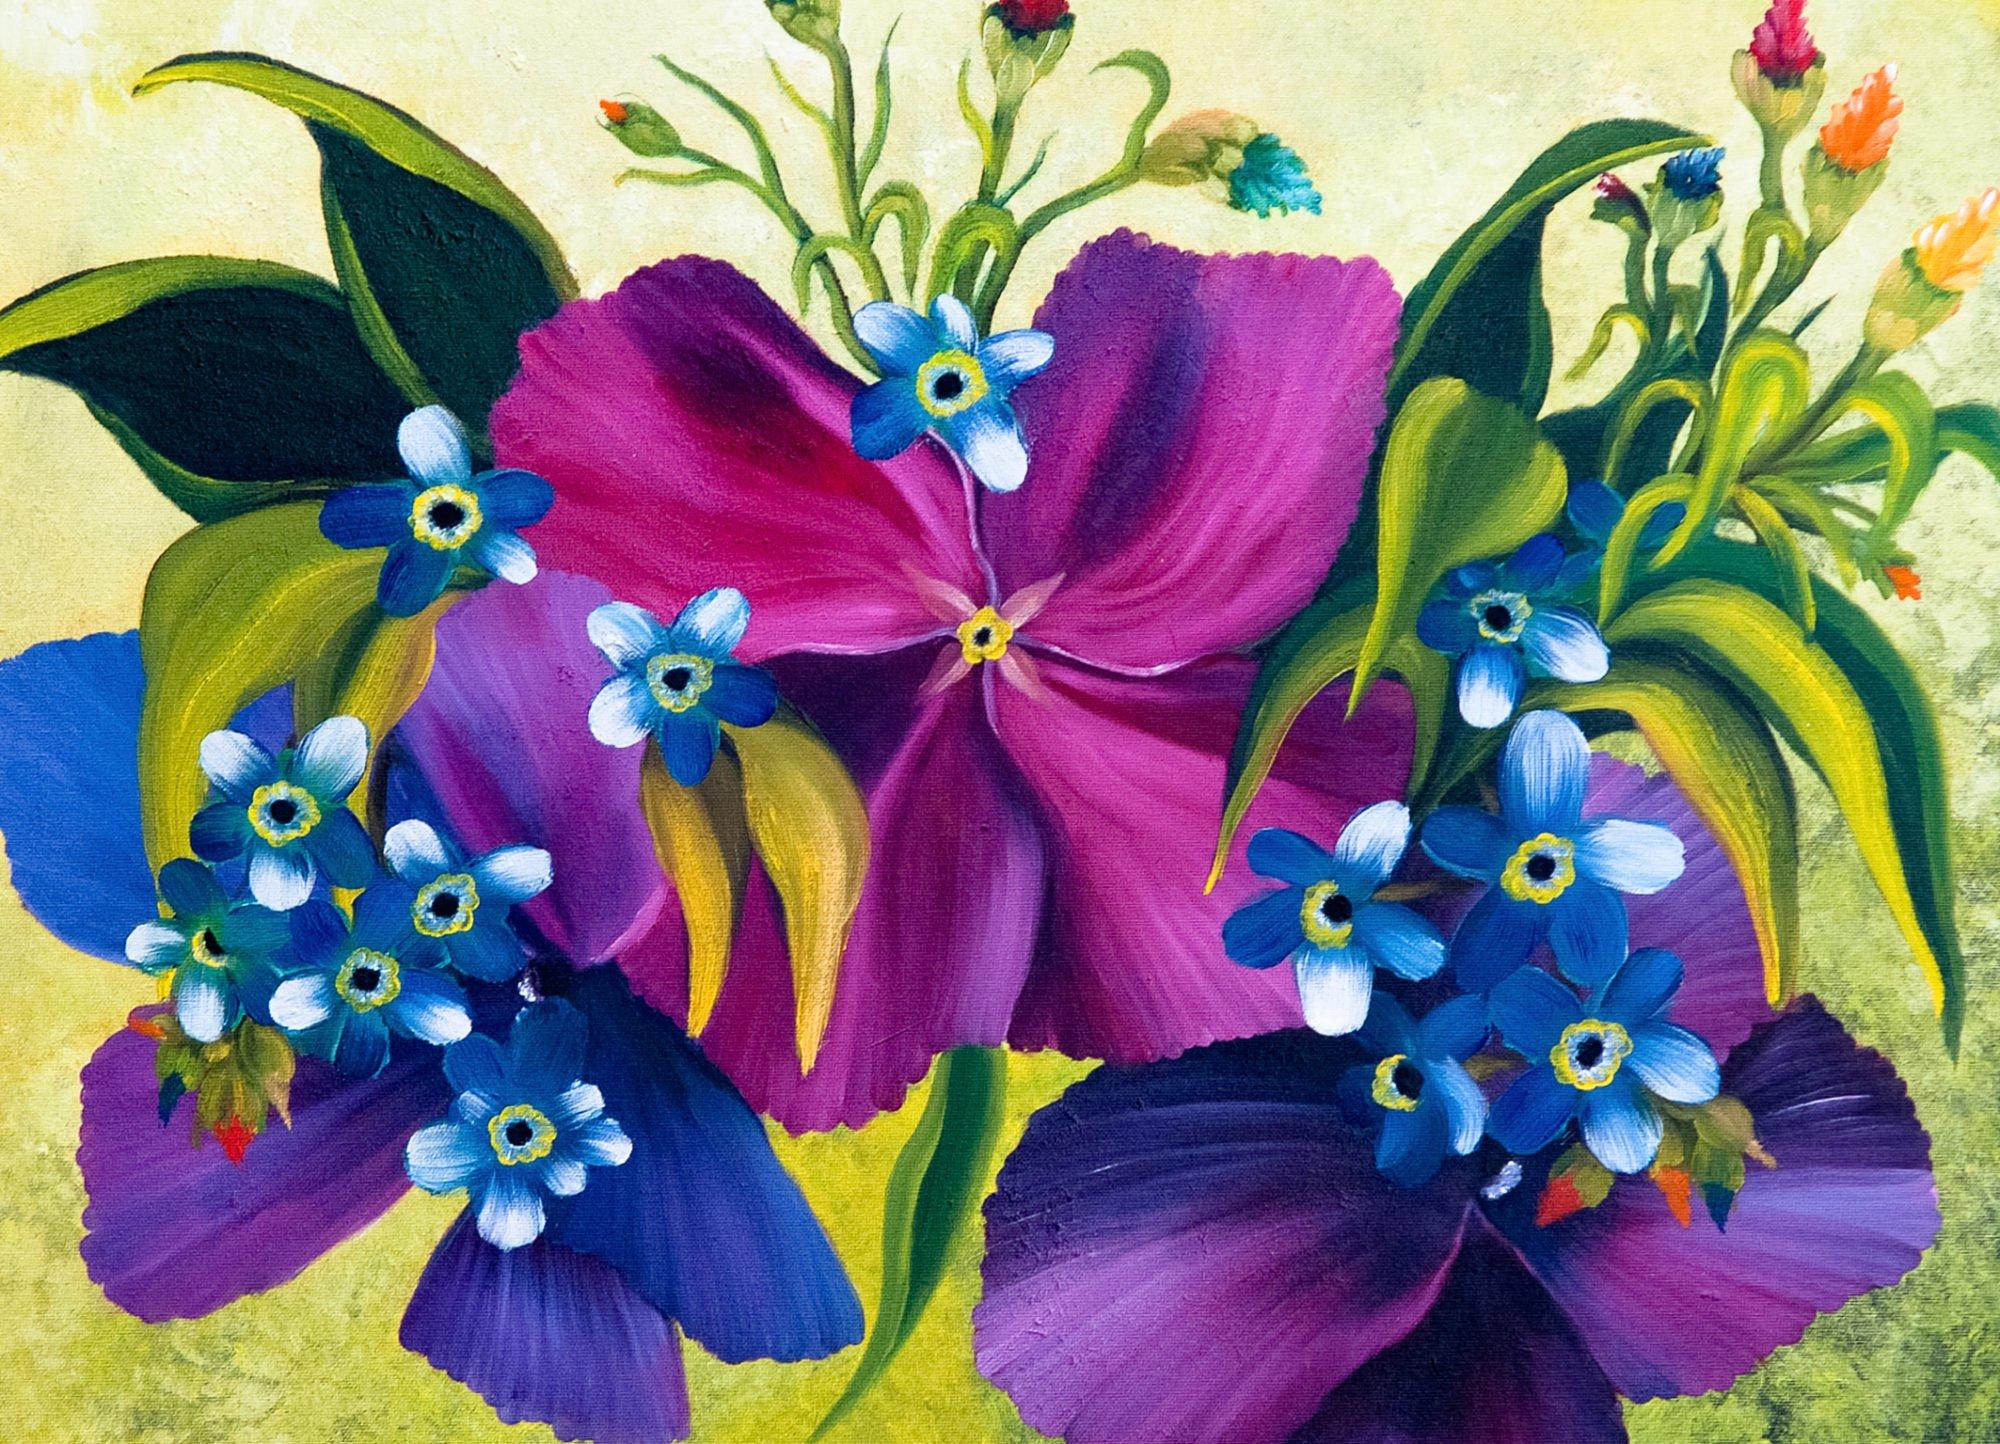 Zu sehen sind mehere Blumen in unterschiedlichen Tönen von Violett bis Dunkelblau. Sie sind in der Vernissage ab 29. März 2020 in der Villa Donnersmarck zu sehen.